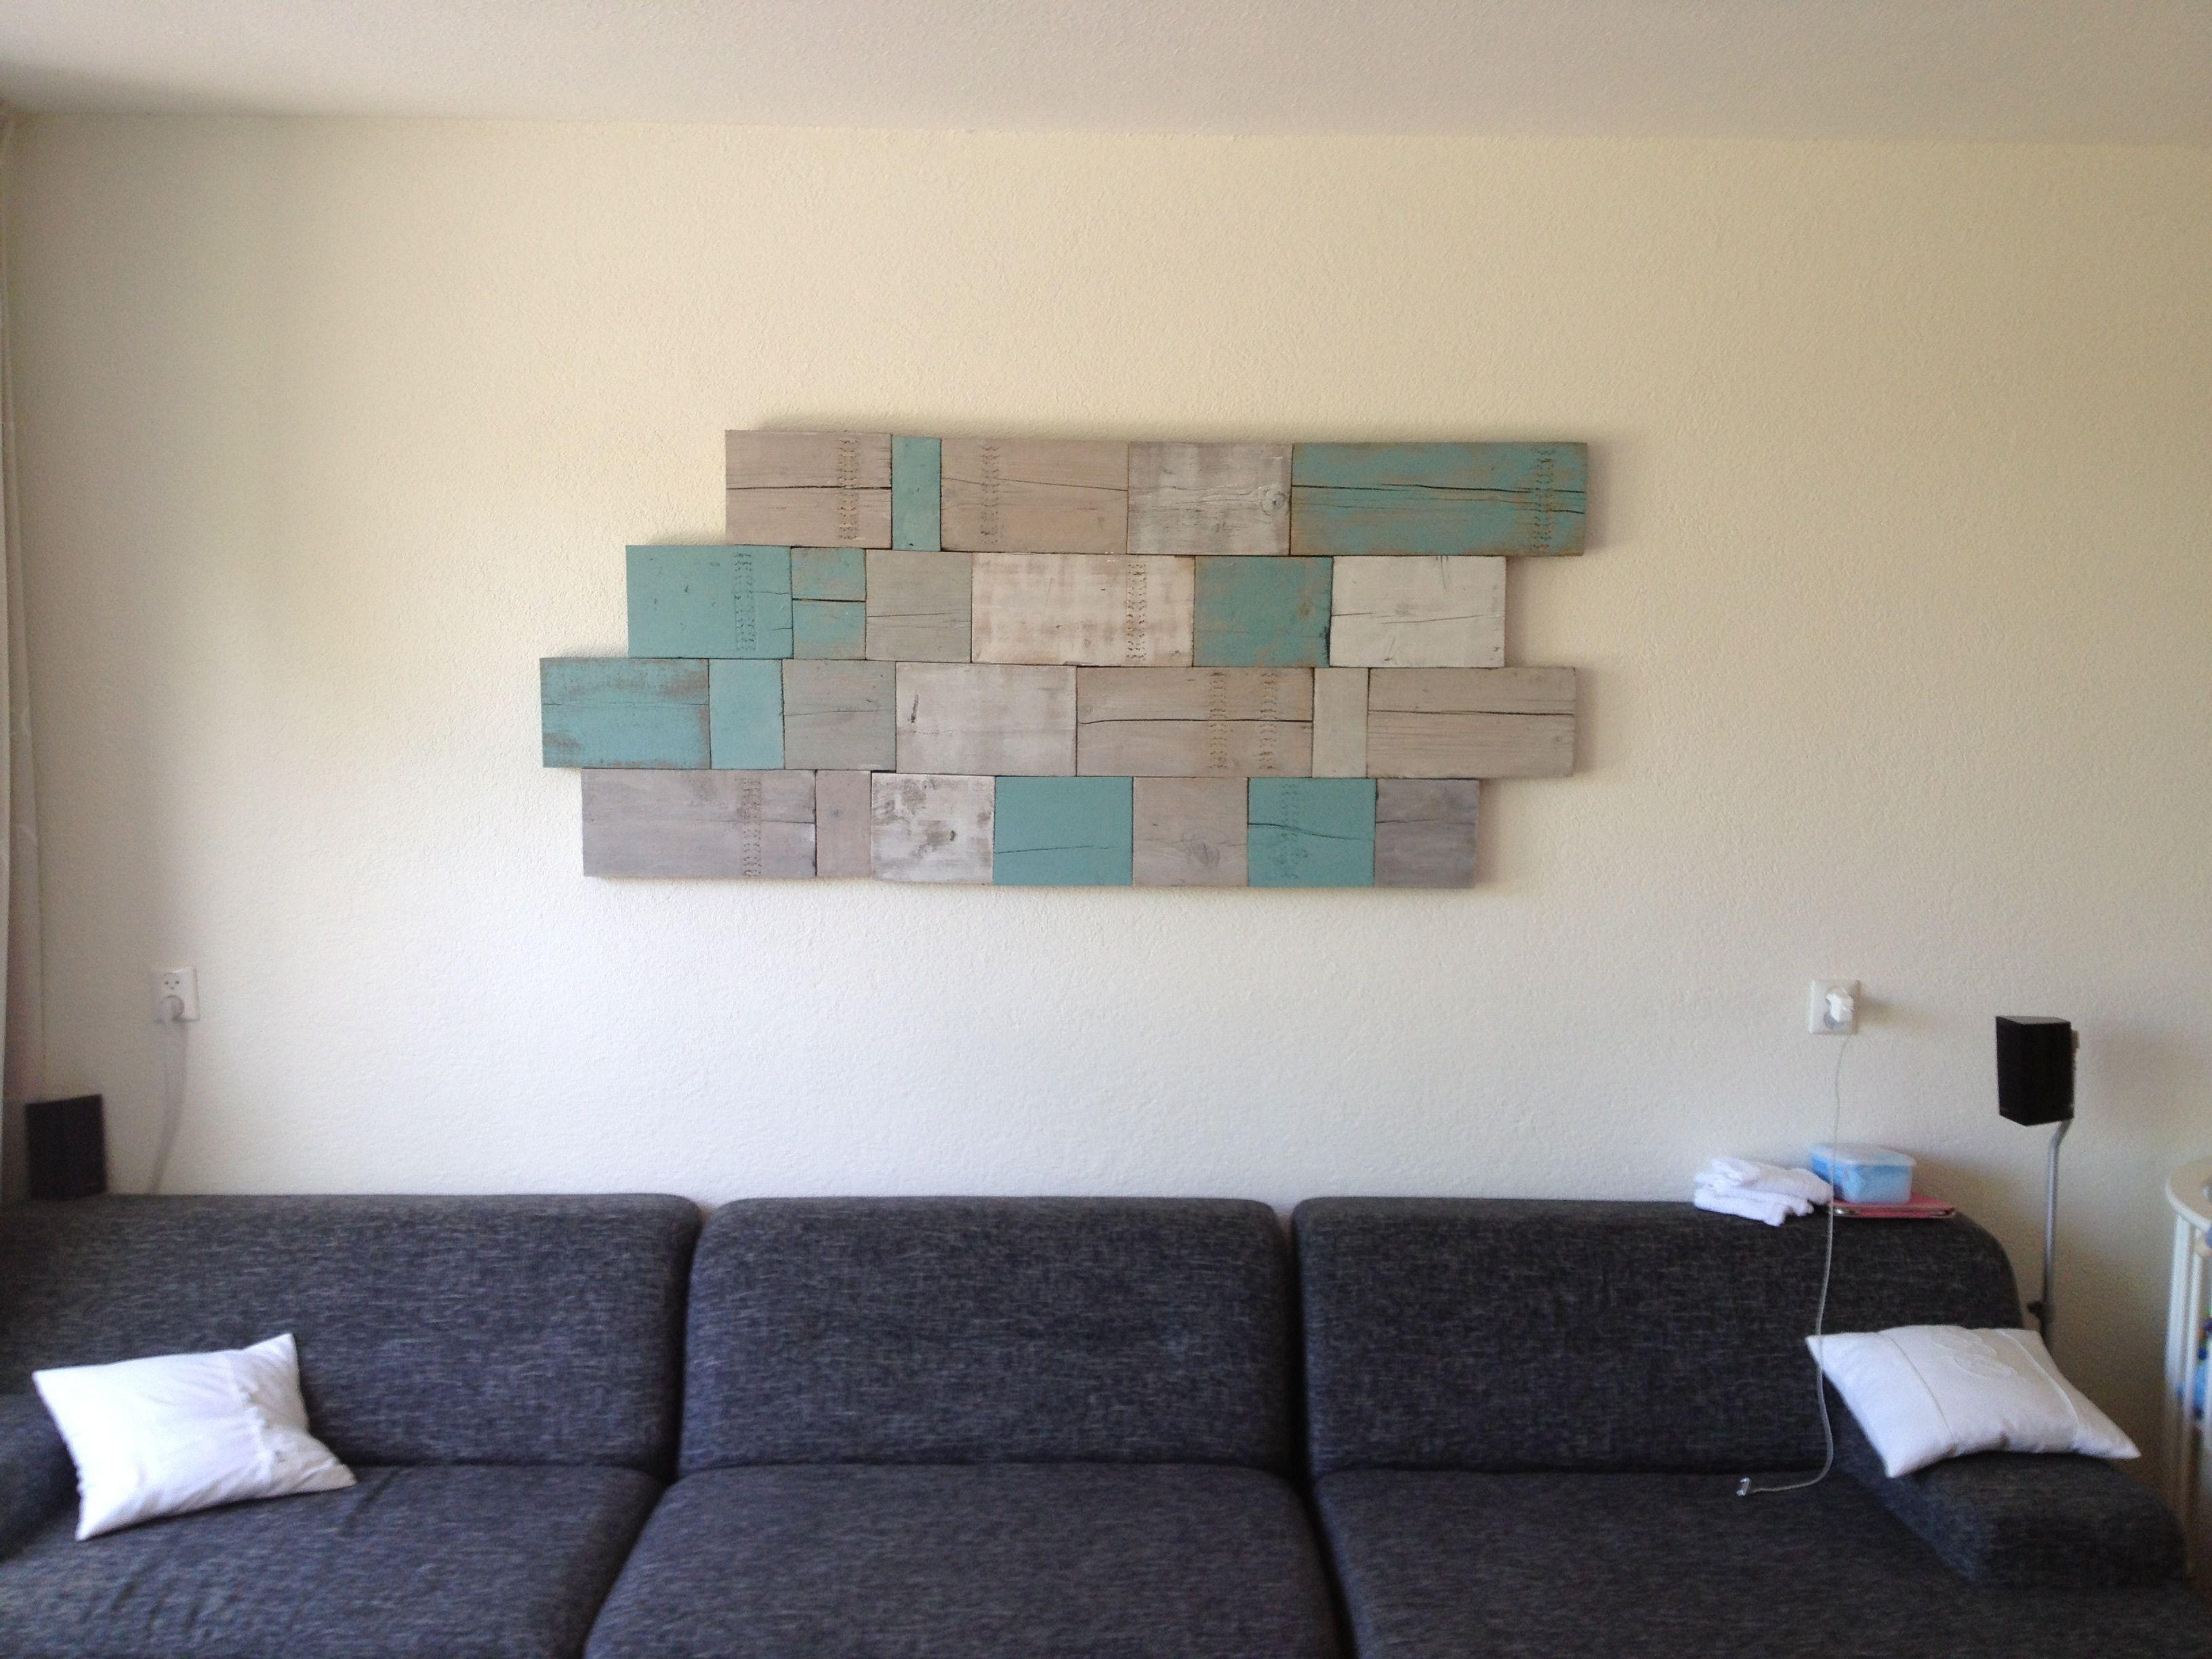 Muurdecoratie gemaakt van resthout steigerhout verf en